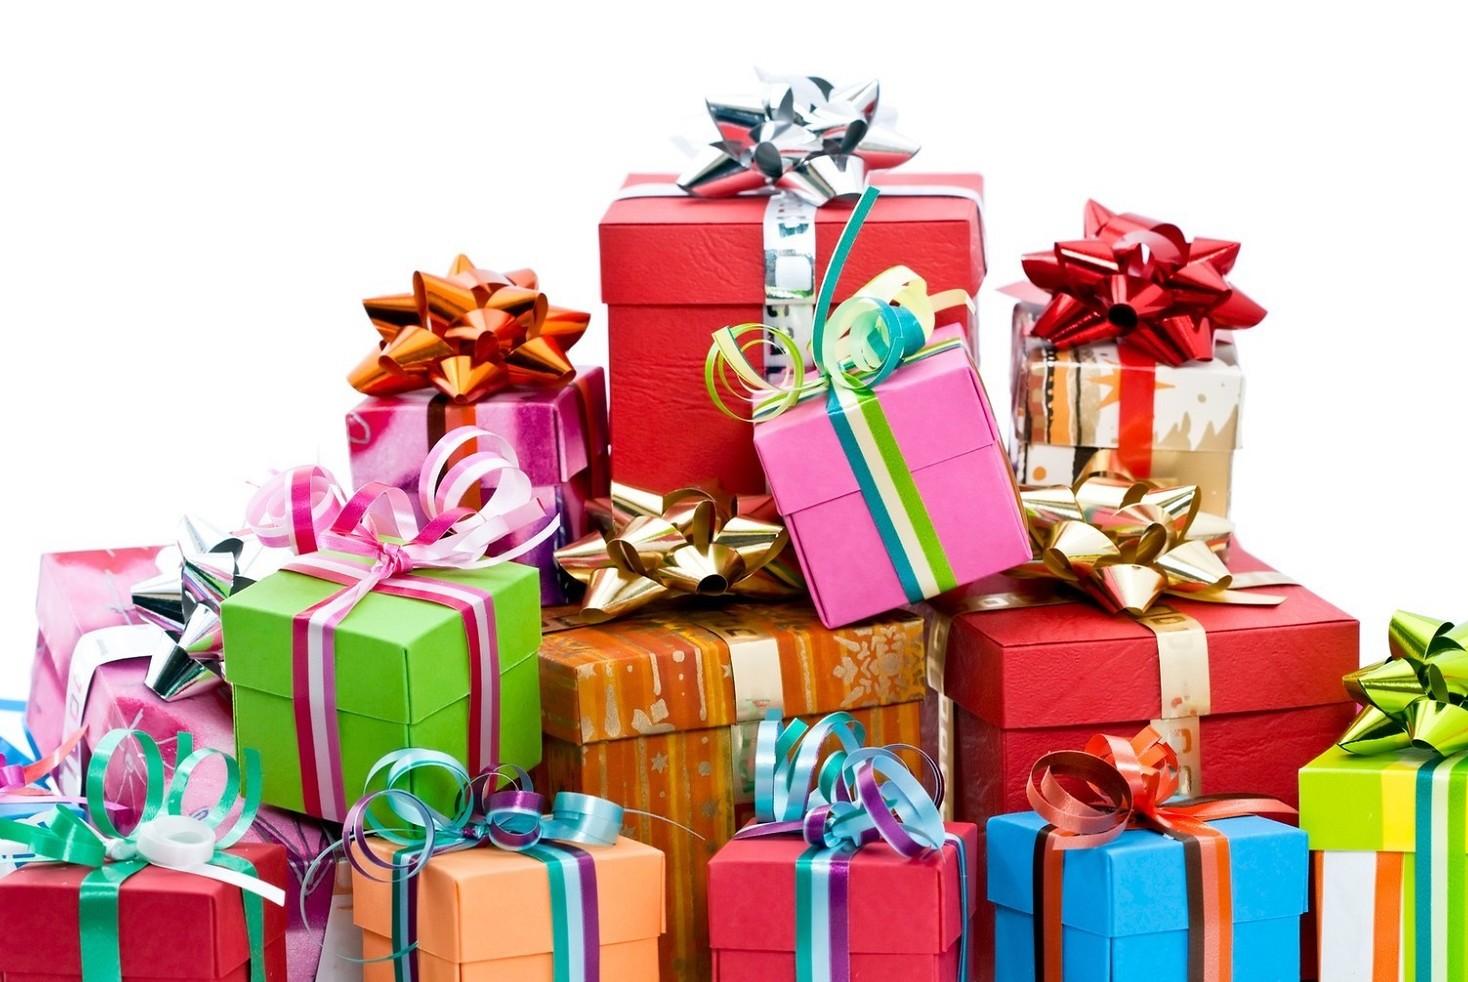 Tradizioni del Natale e origini, Frasi N